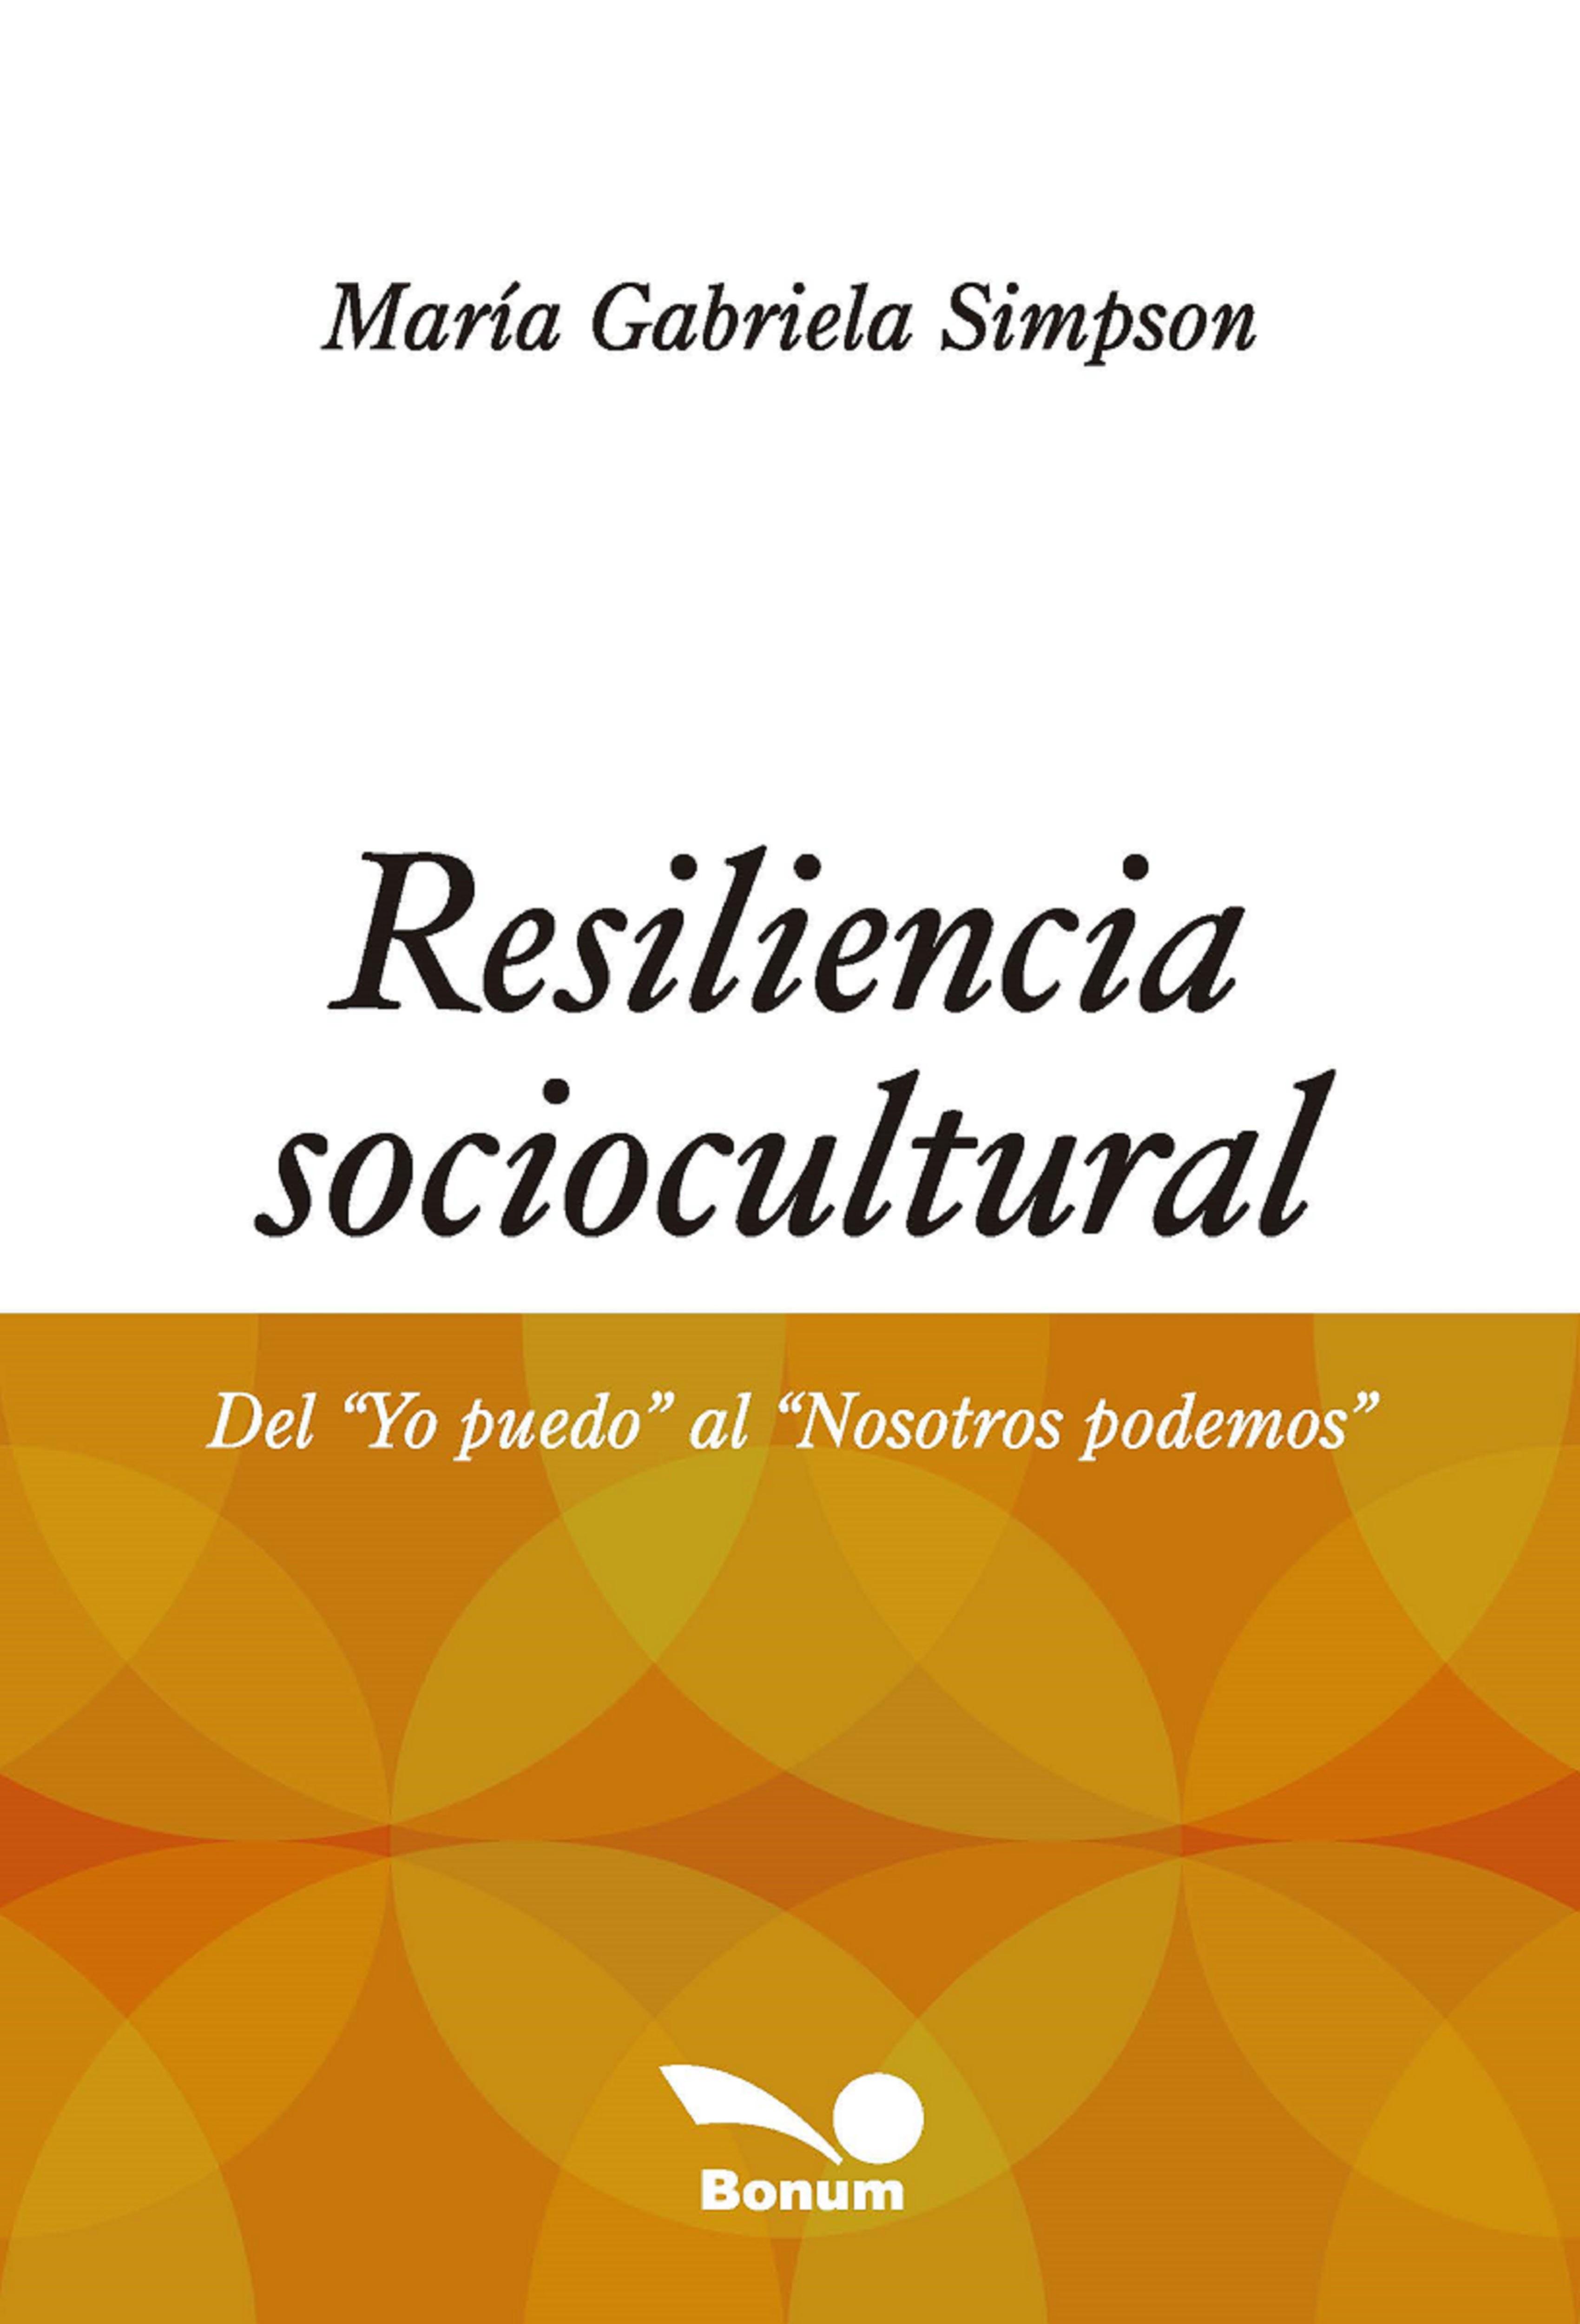 Resiliencia sociocultural (Usado)